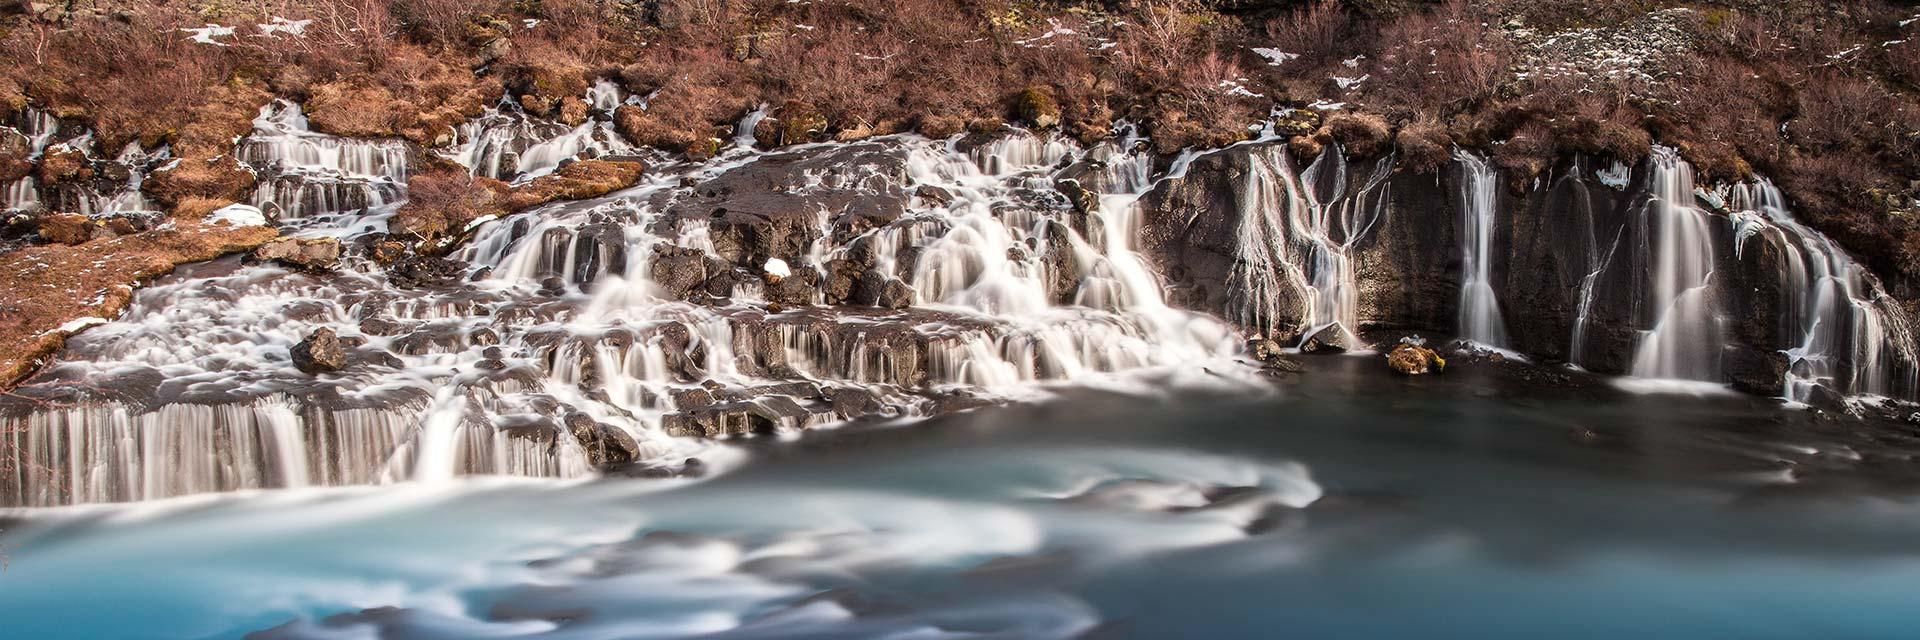 watervallen, natuurgeweld, natuurfotografie